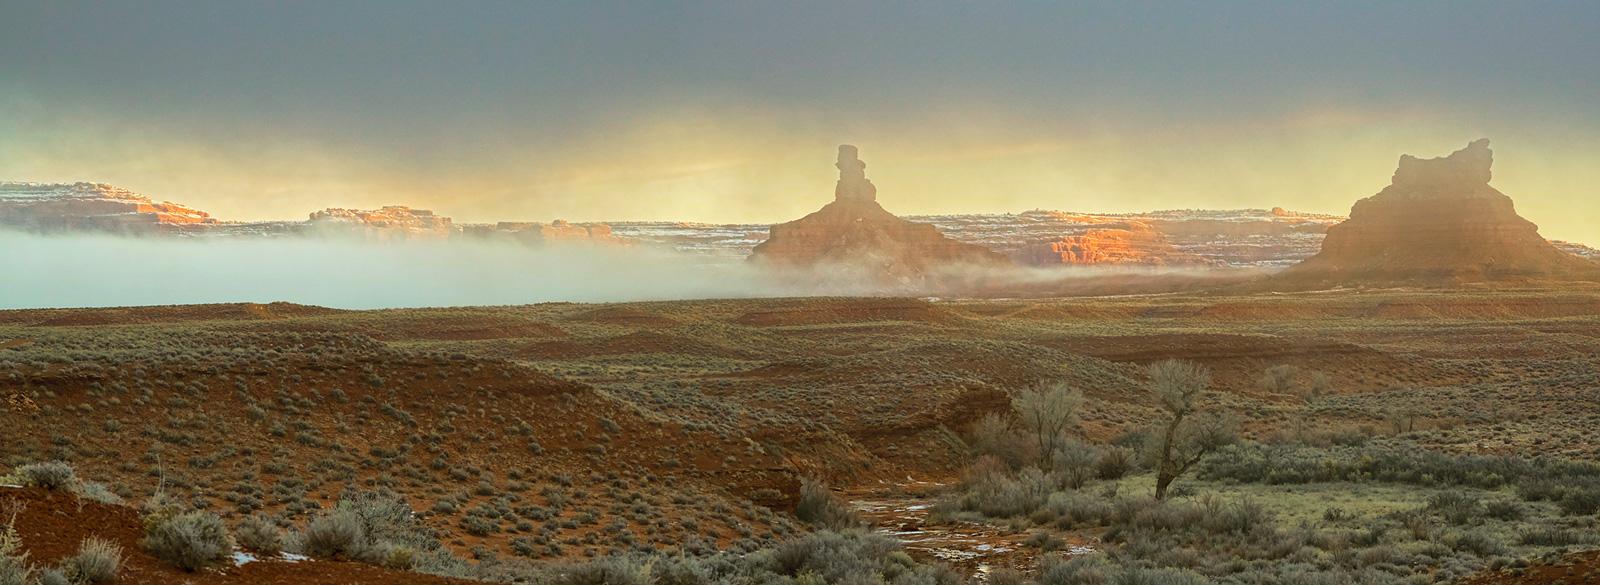 Valley of the Gods, Utah, fog, photo